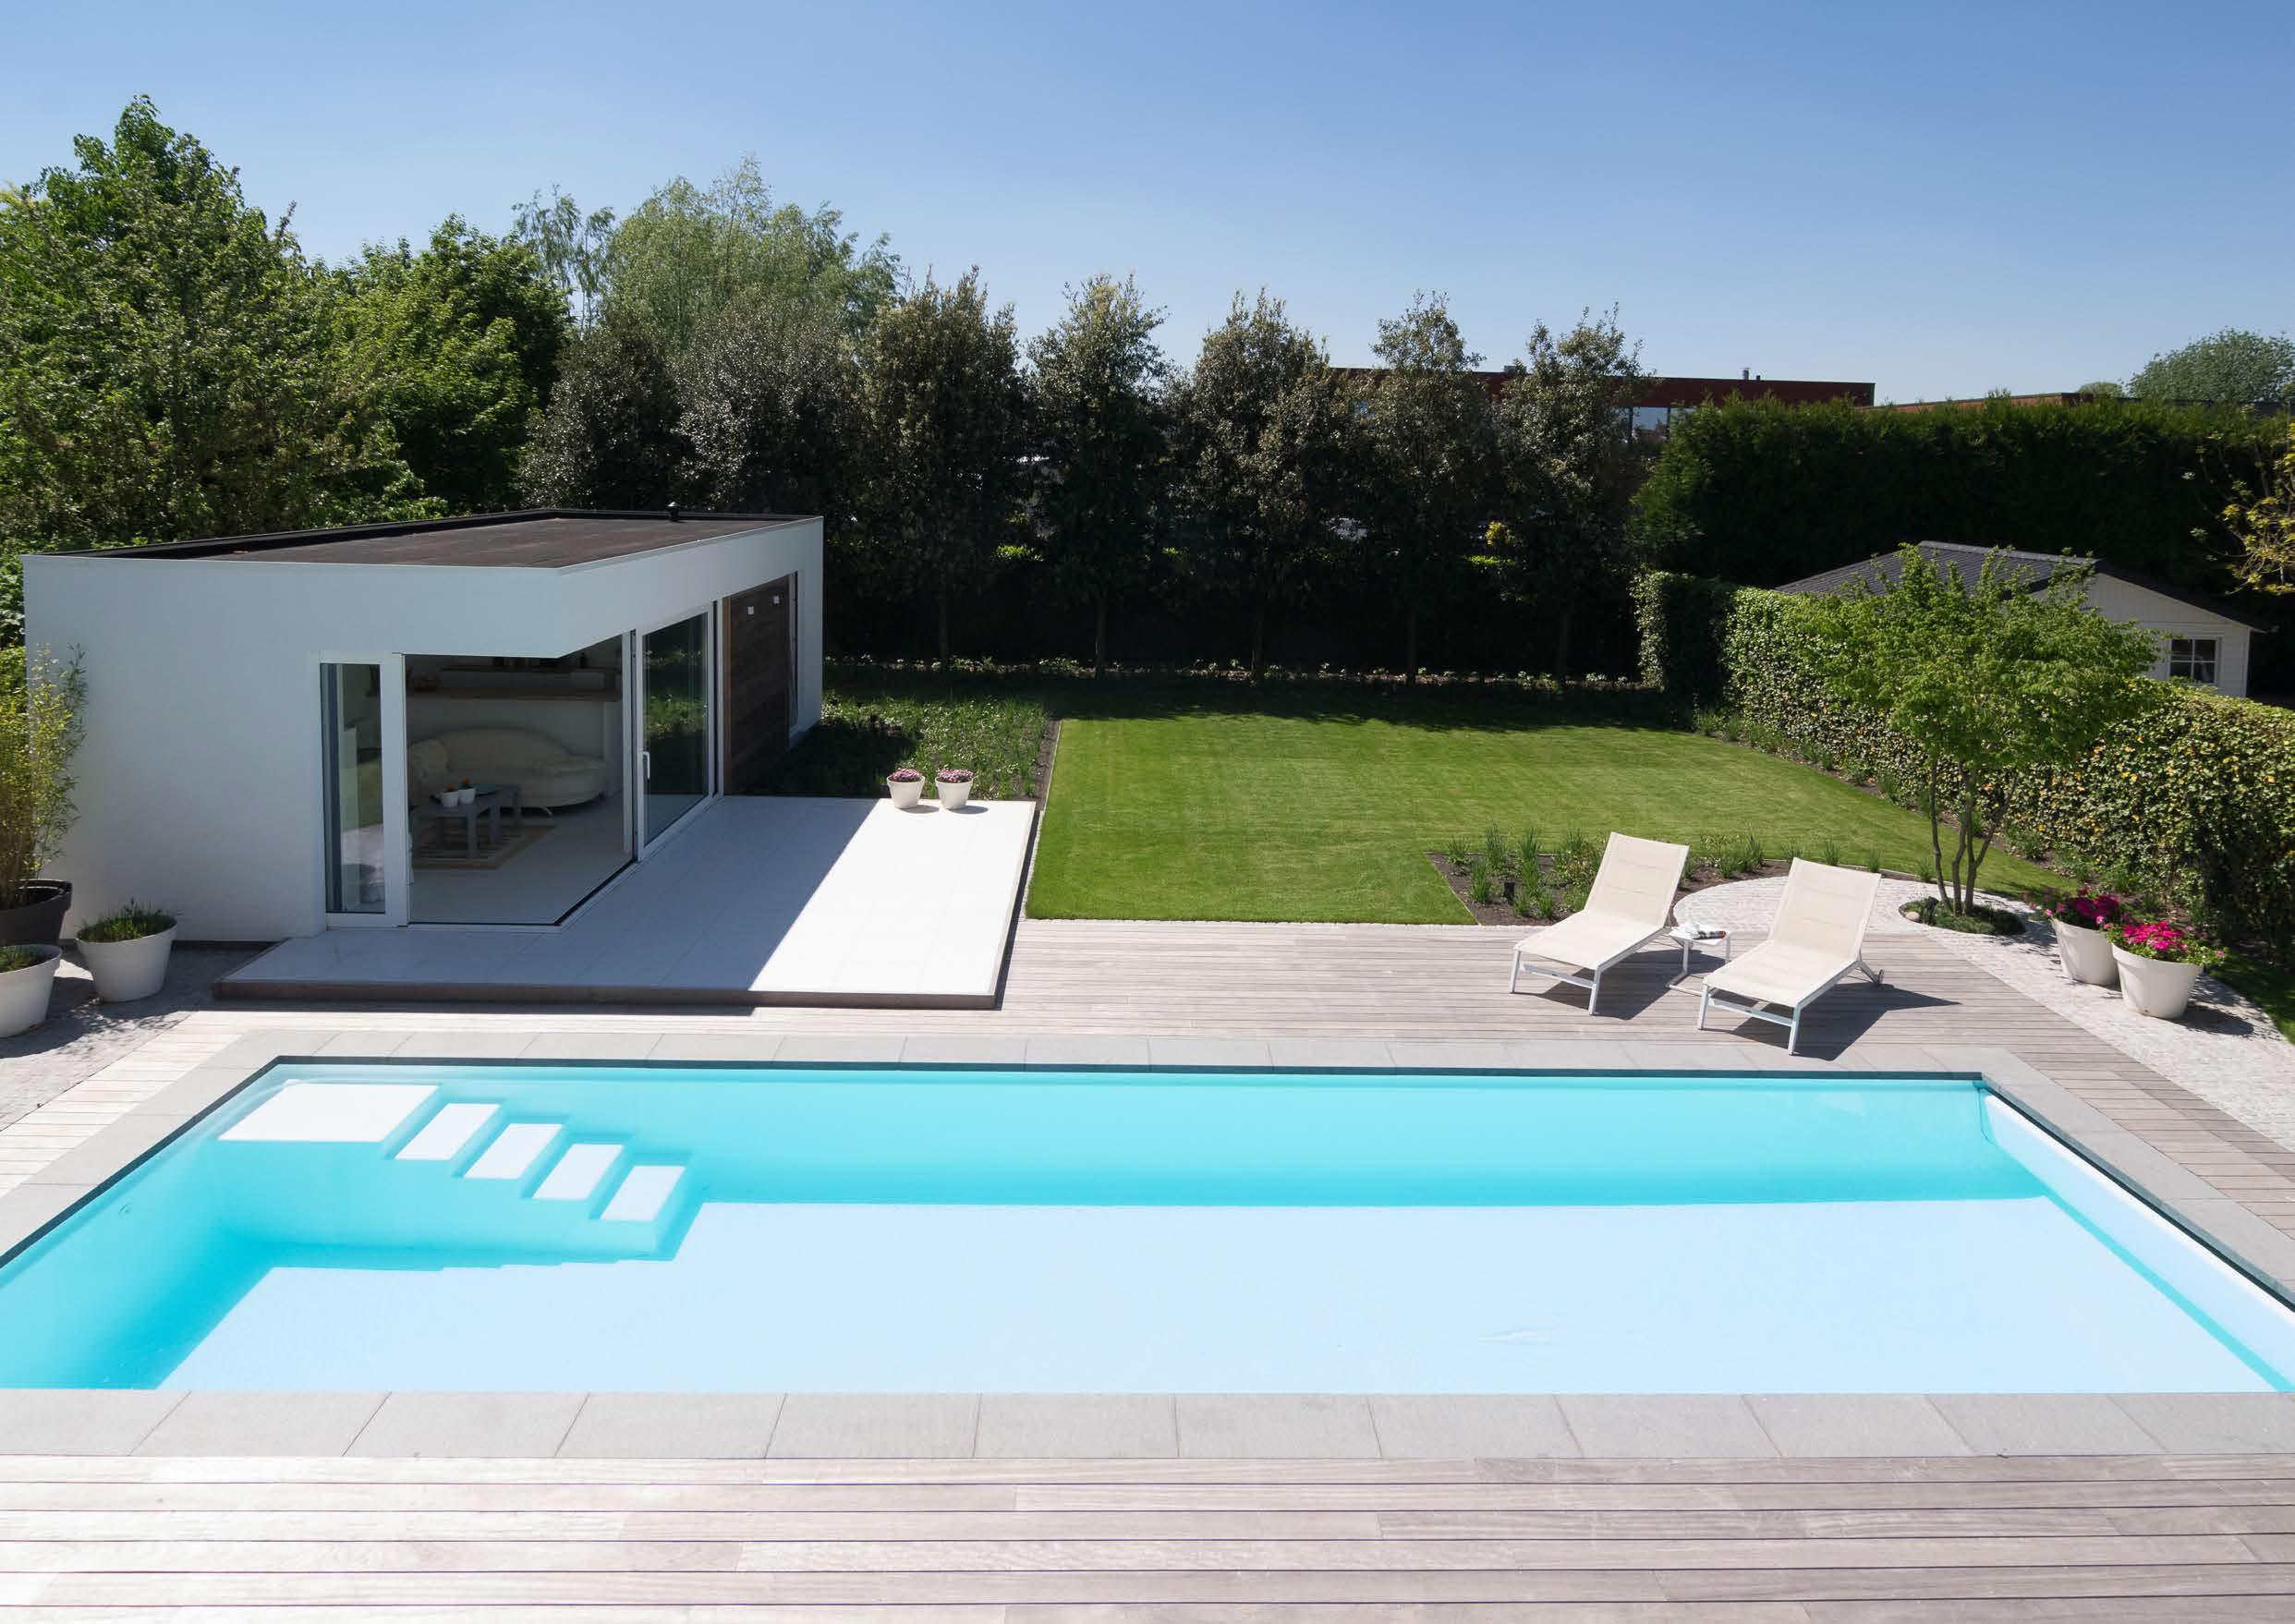 Patio Pool back garden UK